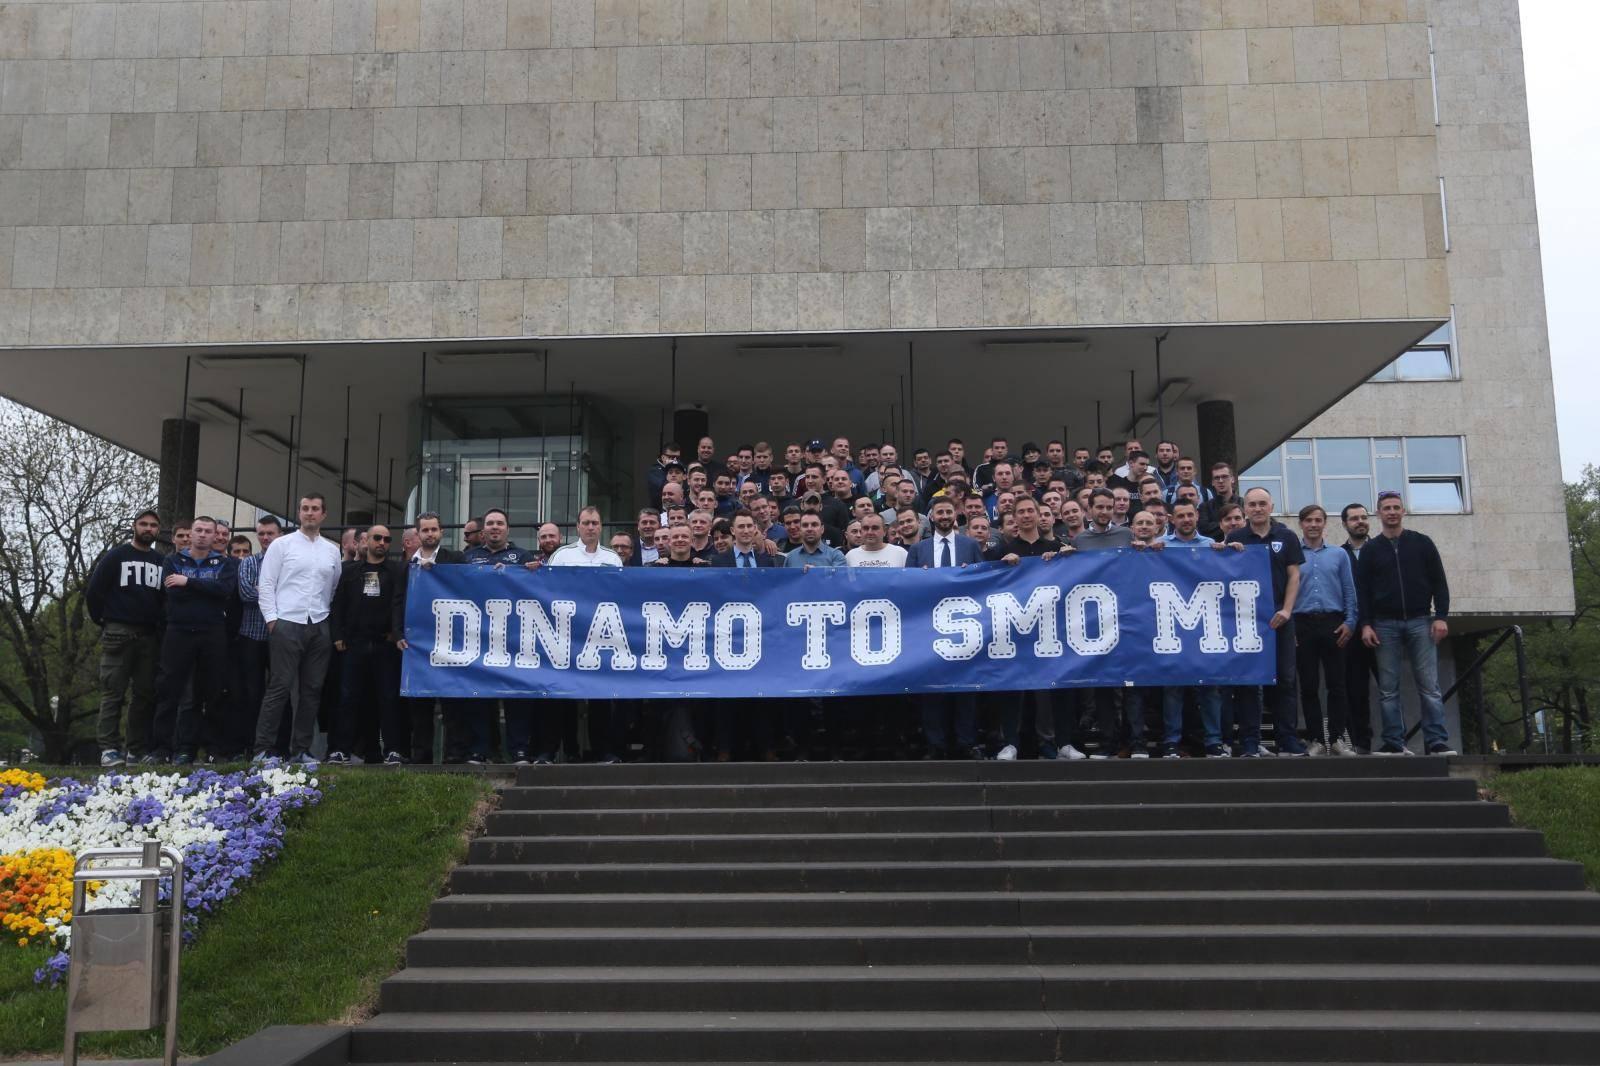 'Dinamo to smo mi' uzvraća udarac: Krade se kad se ima...